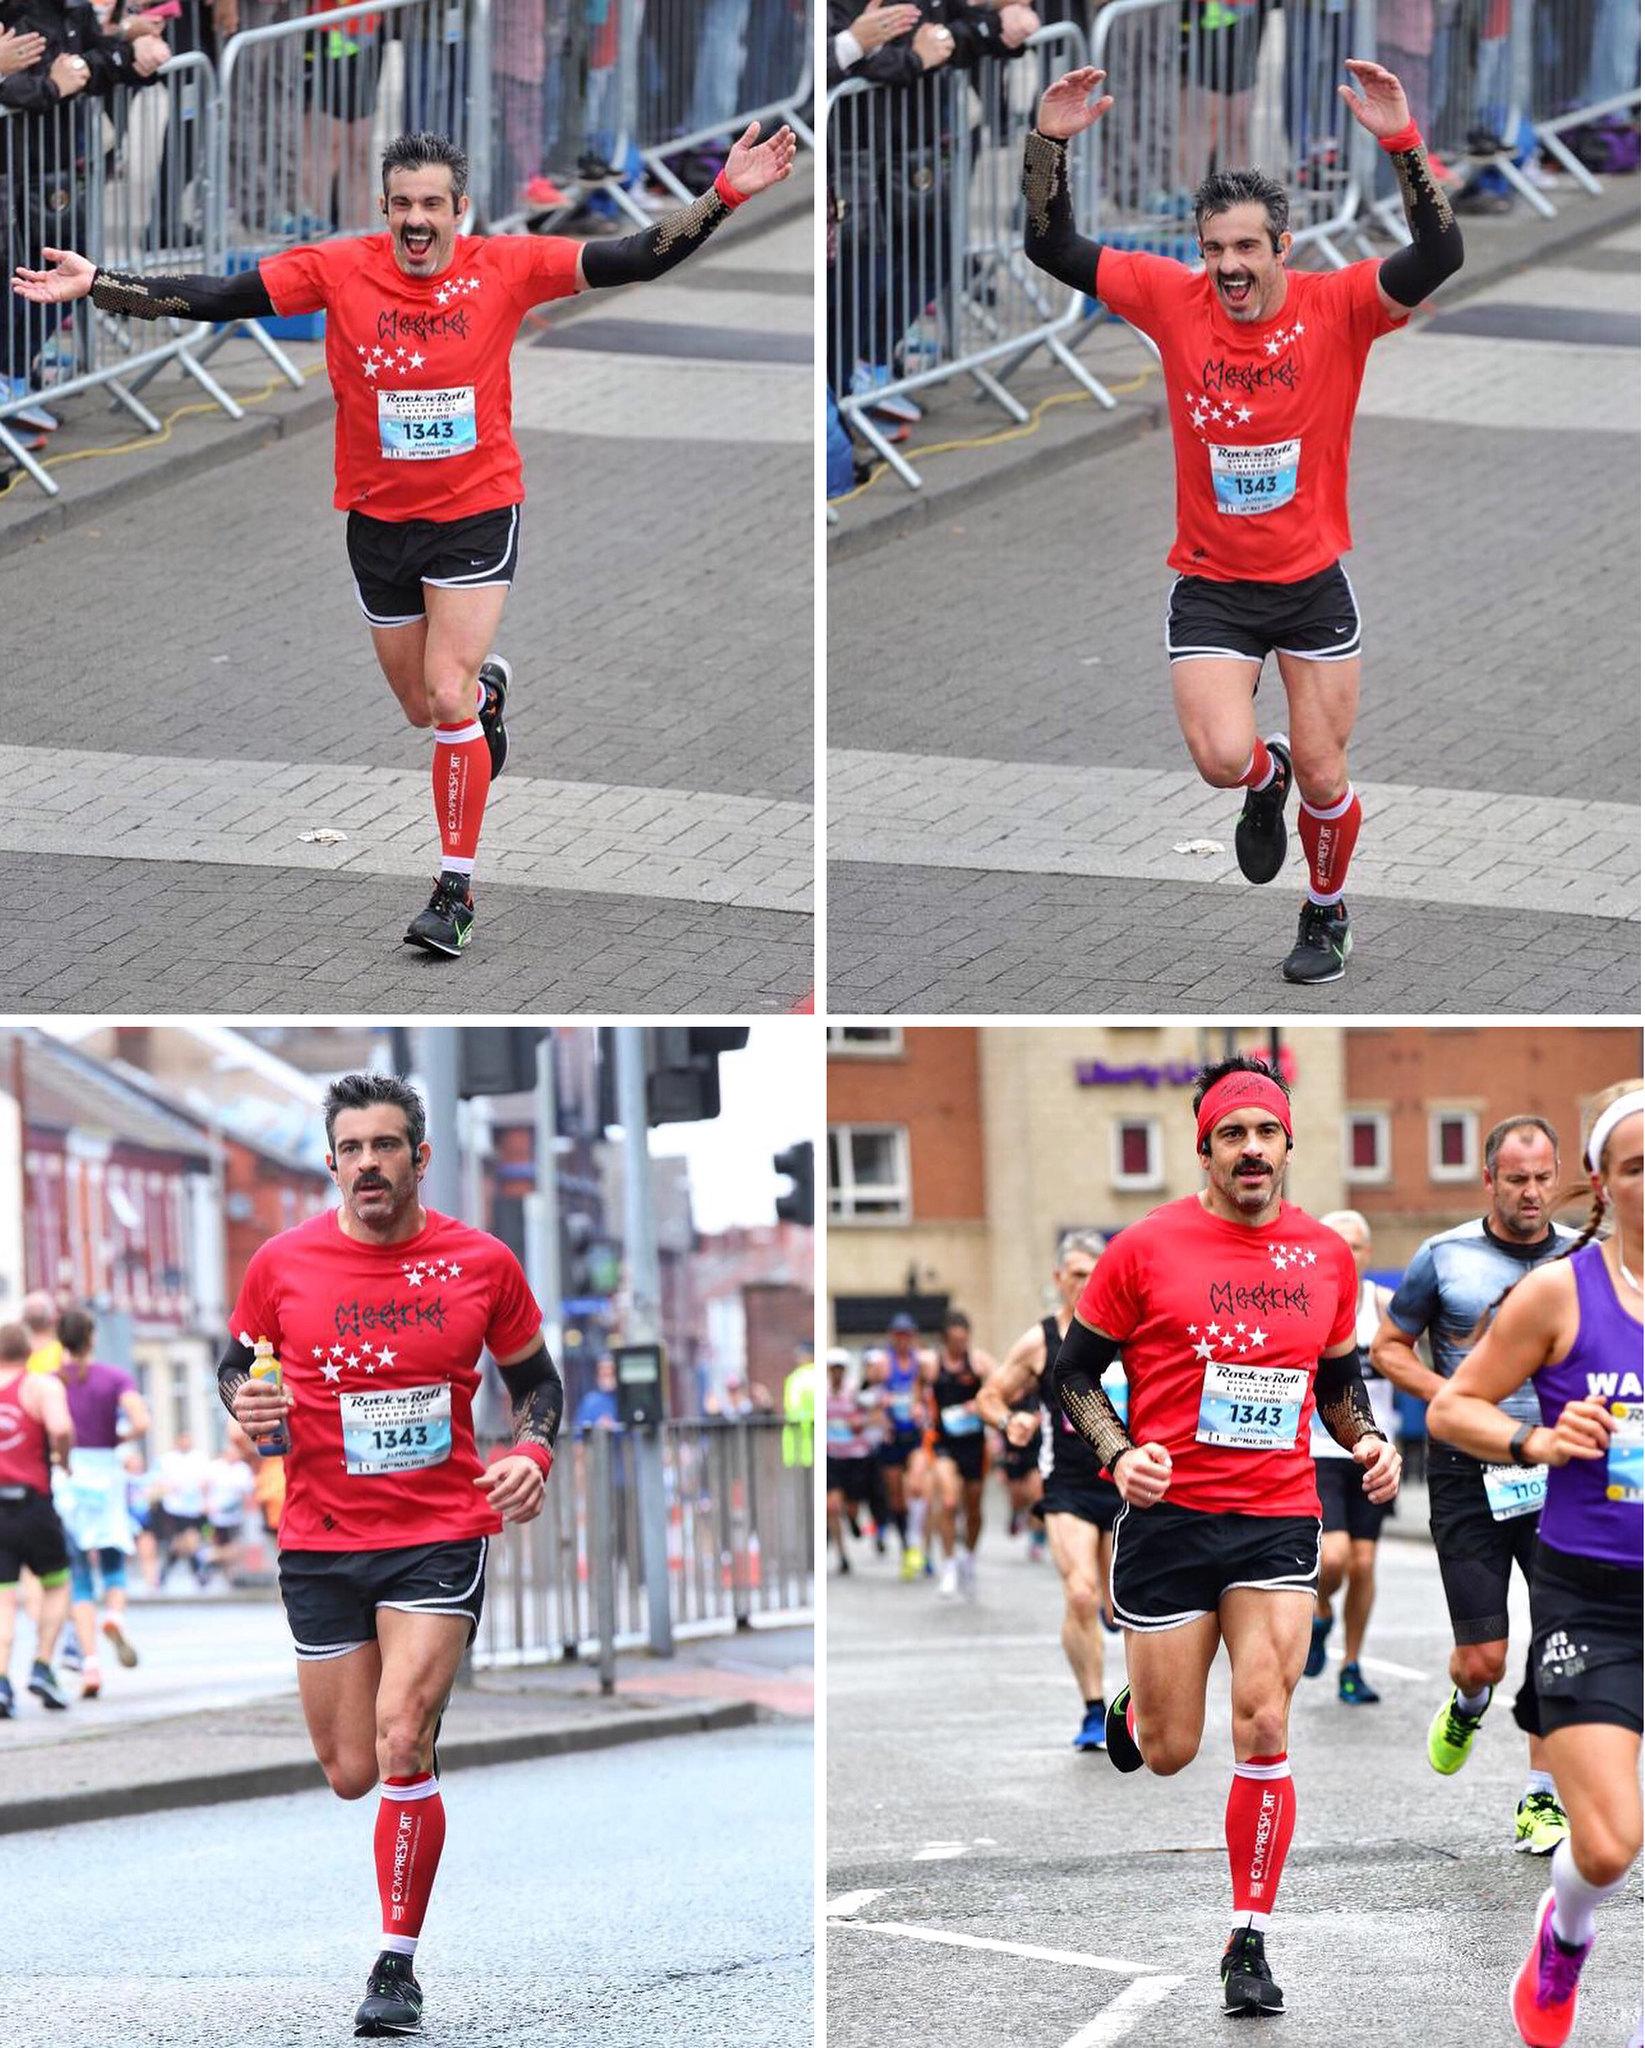 Maratón de Liverpool, Marathon maratón de liverpool - 48687261958 138e85fd56 k - Maratón de Liverpool: análisis, recorrido, entrenamiento y recomendaciones de viaje